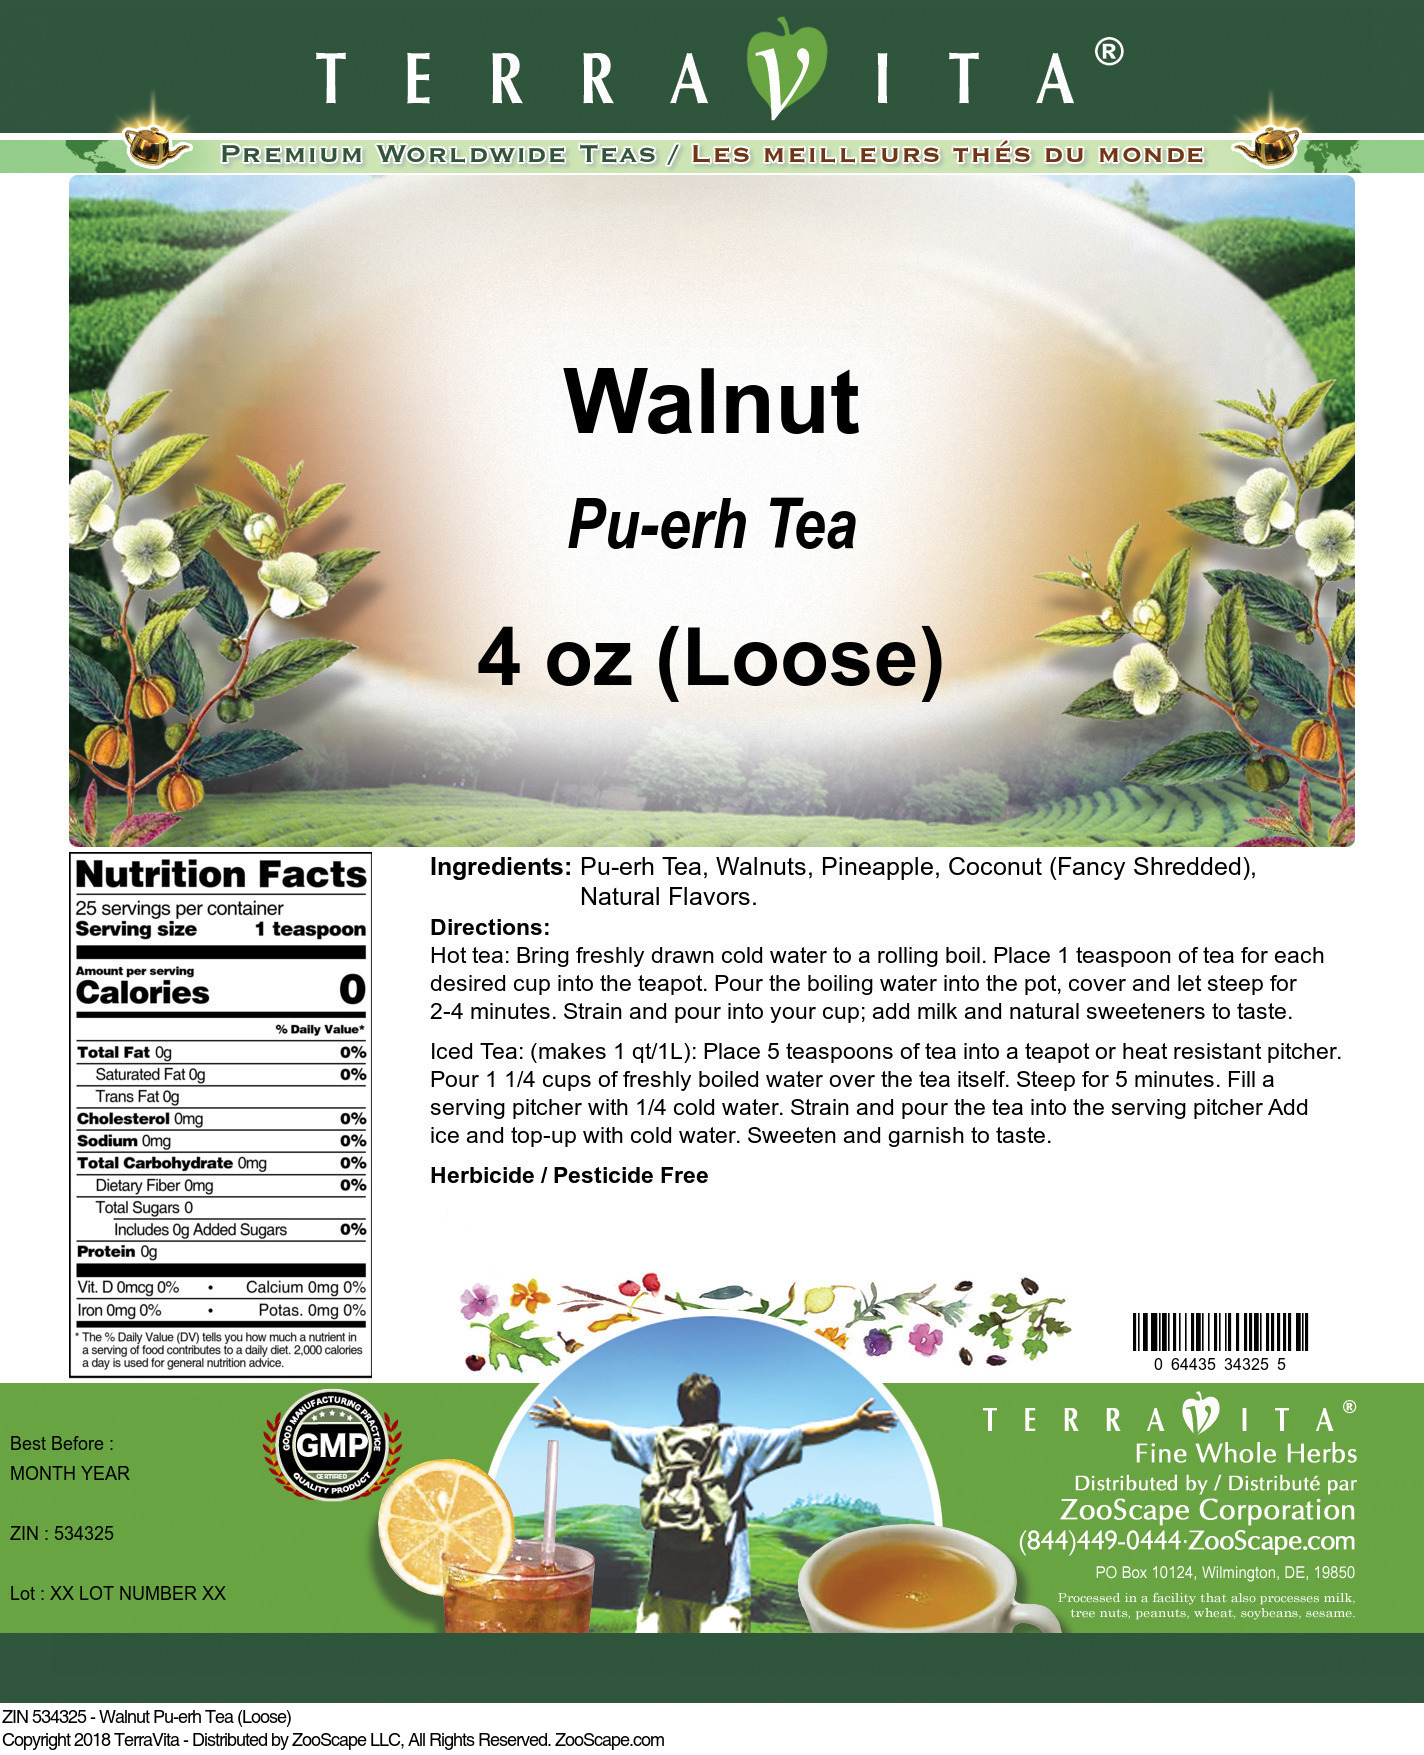 Walnut Pu-erh Tea (Loose)